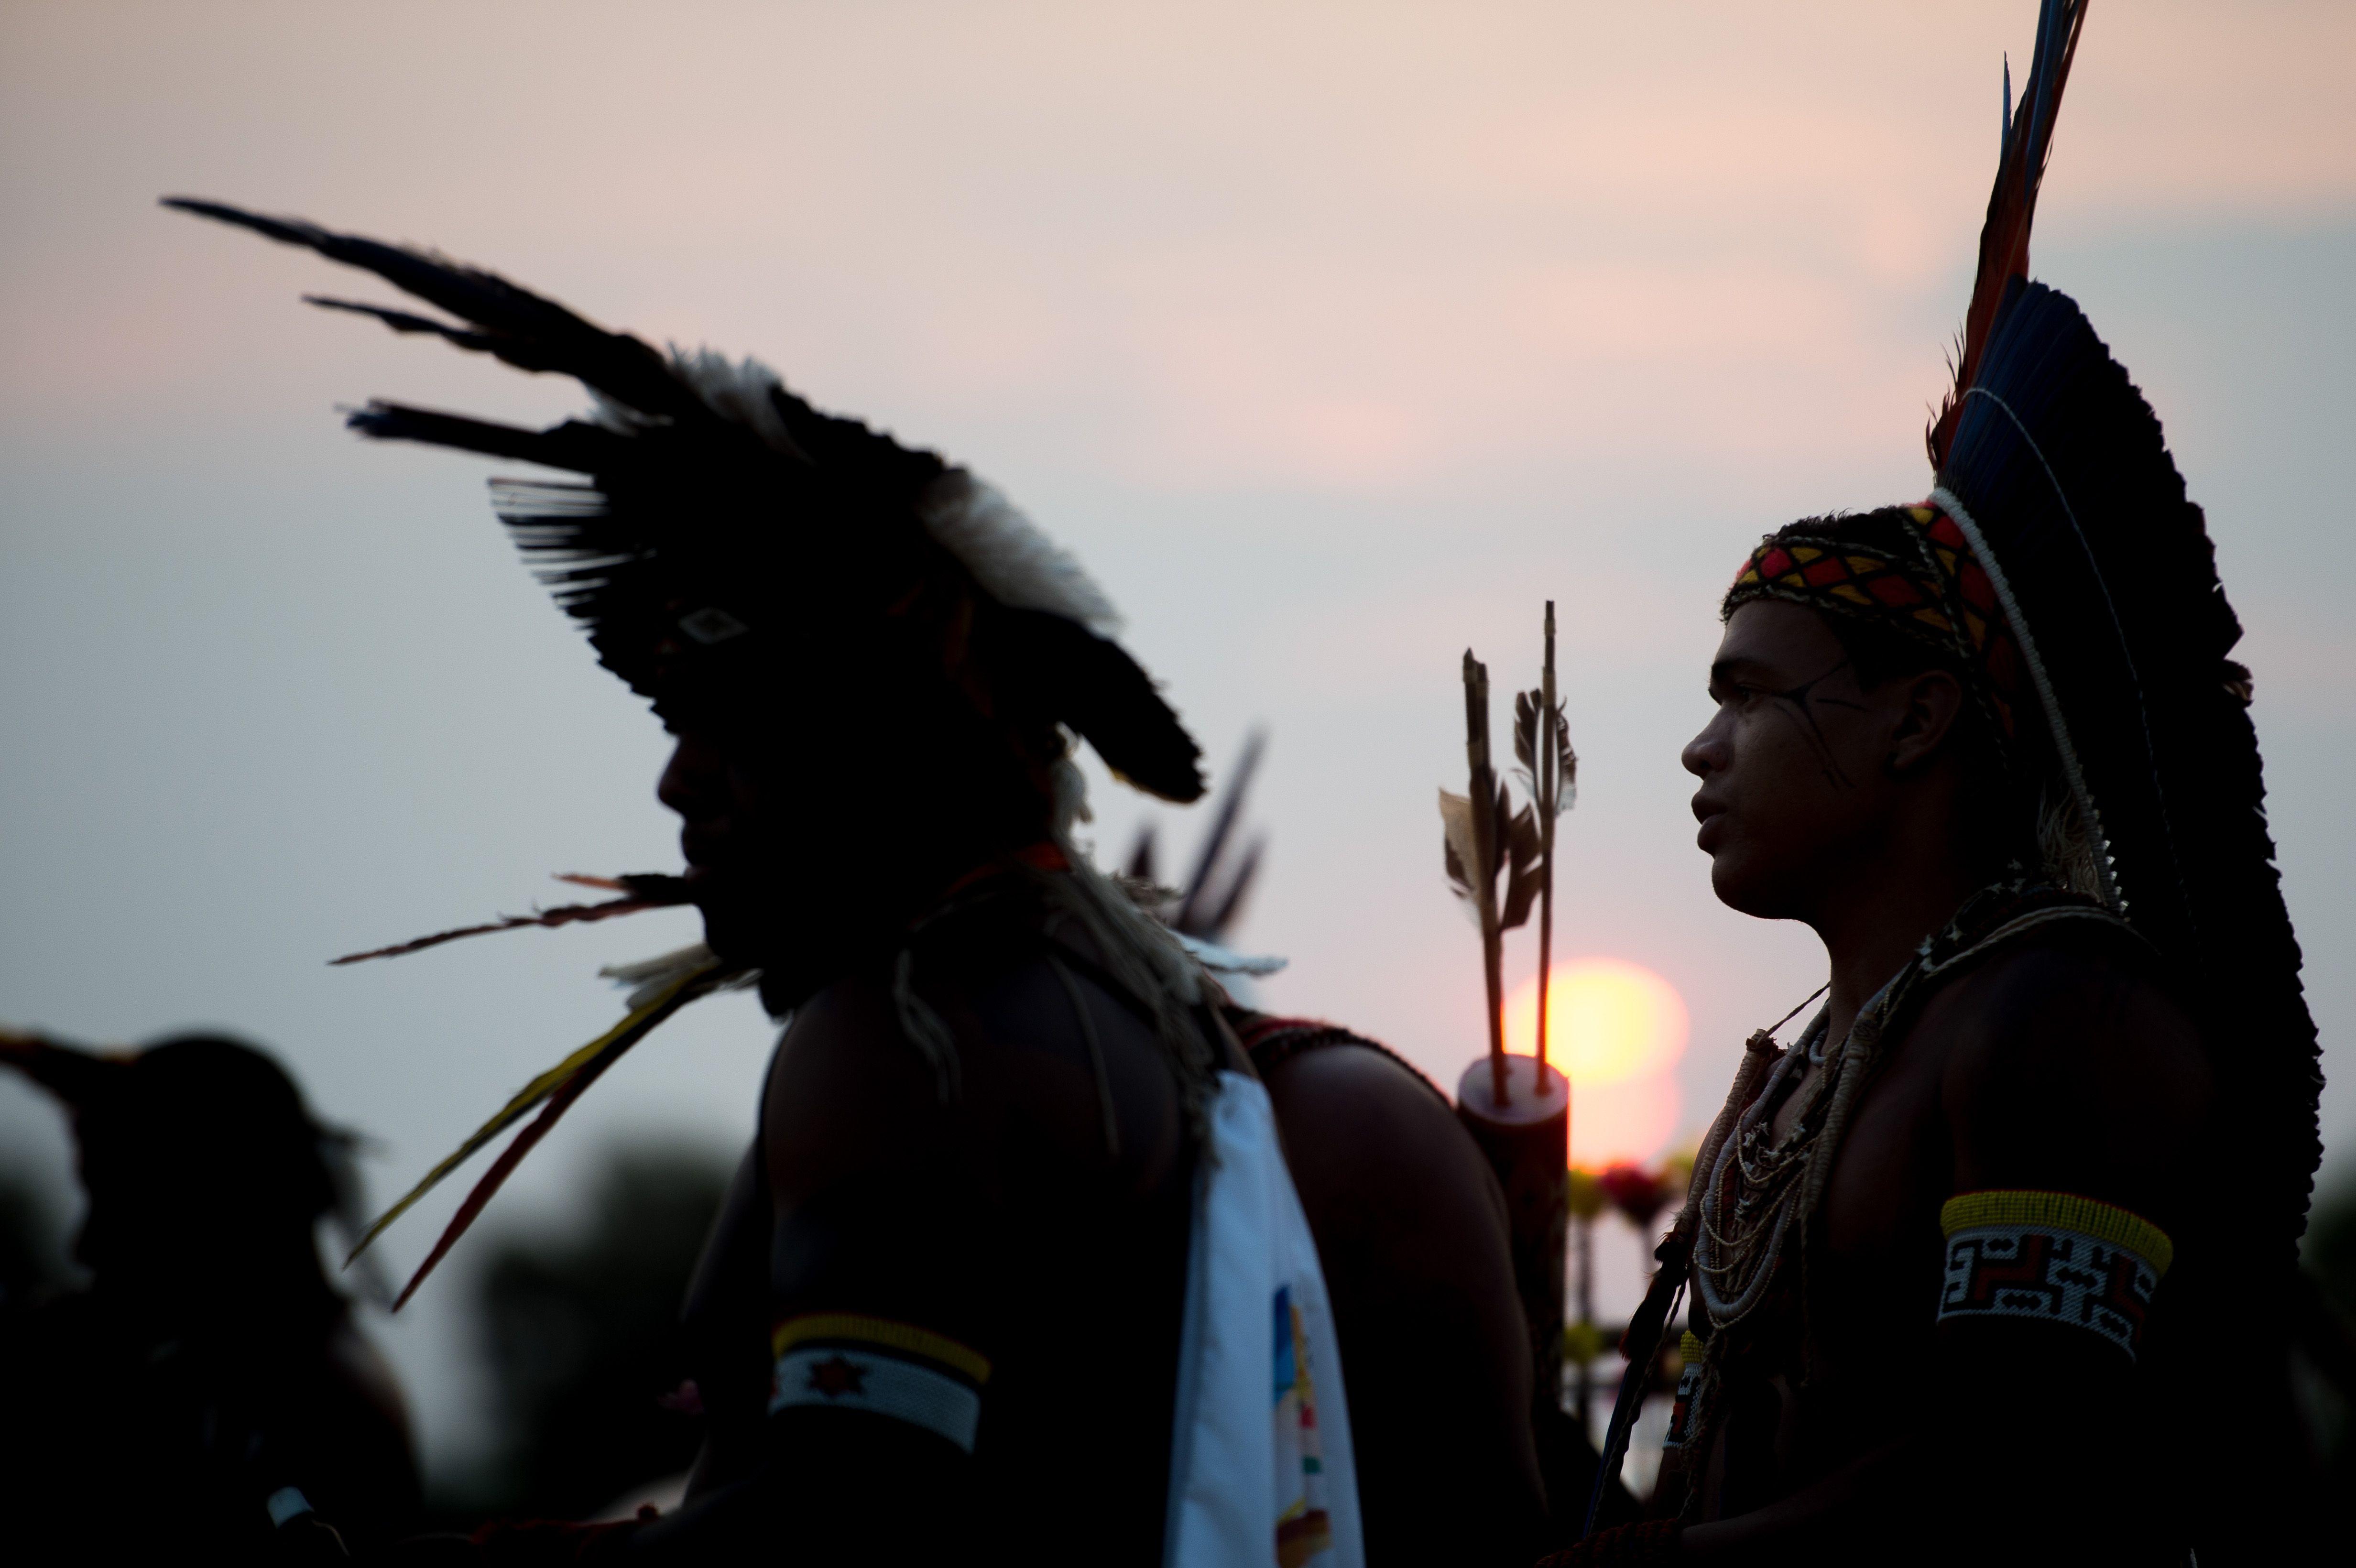 Palmas/TO Índios Pataxó se reúnem em área próxima a Aldeia Okara, onde as etnias brasileiras estão hospedadas ( Marcelo Camargo/Agência Brasil)